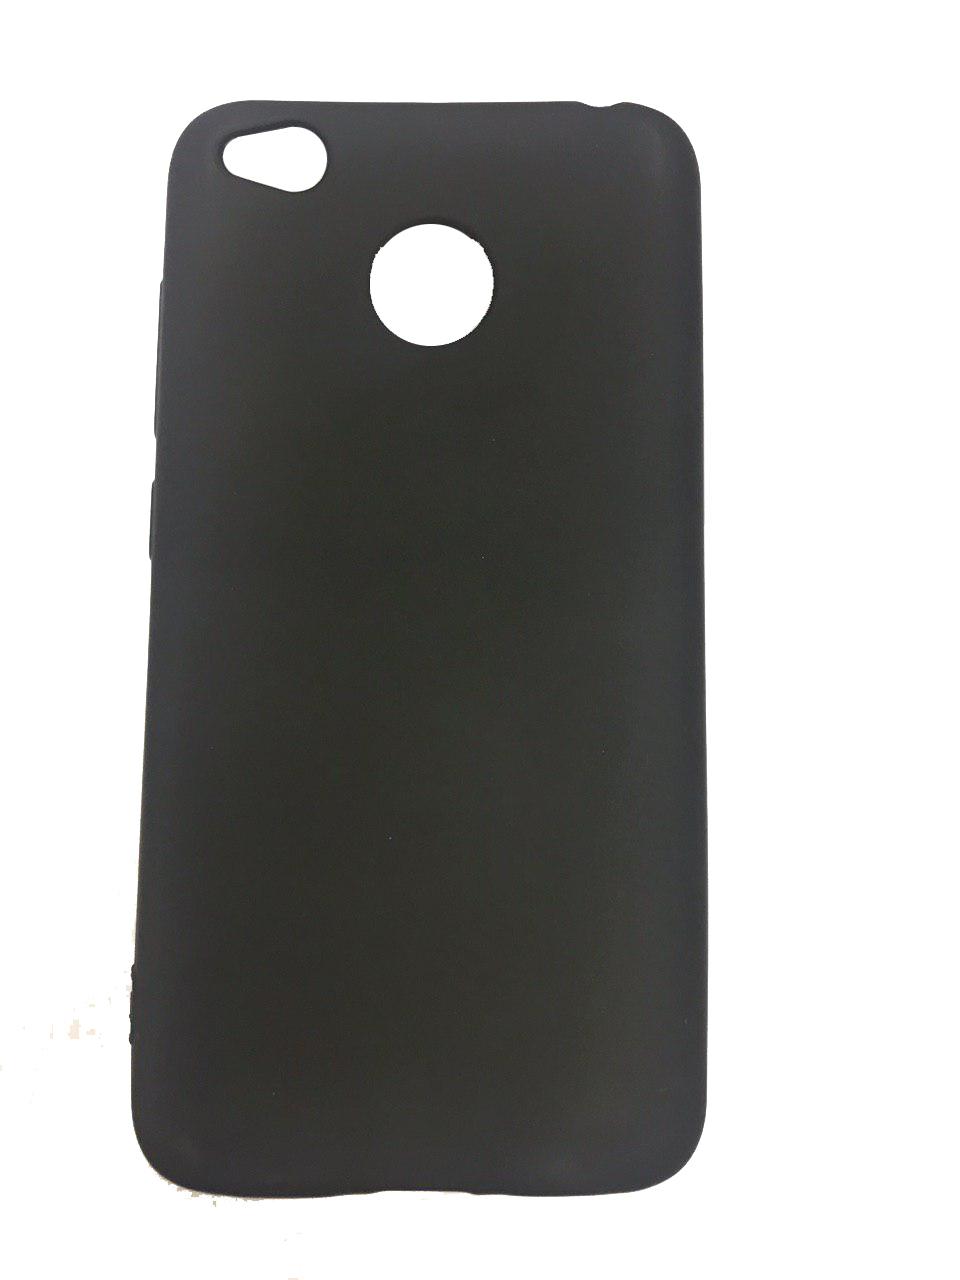 цена на Чехол для Xiaomi Redmi Note 4X Чехол для Xiaomi Redmi Note 4x (Черный)